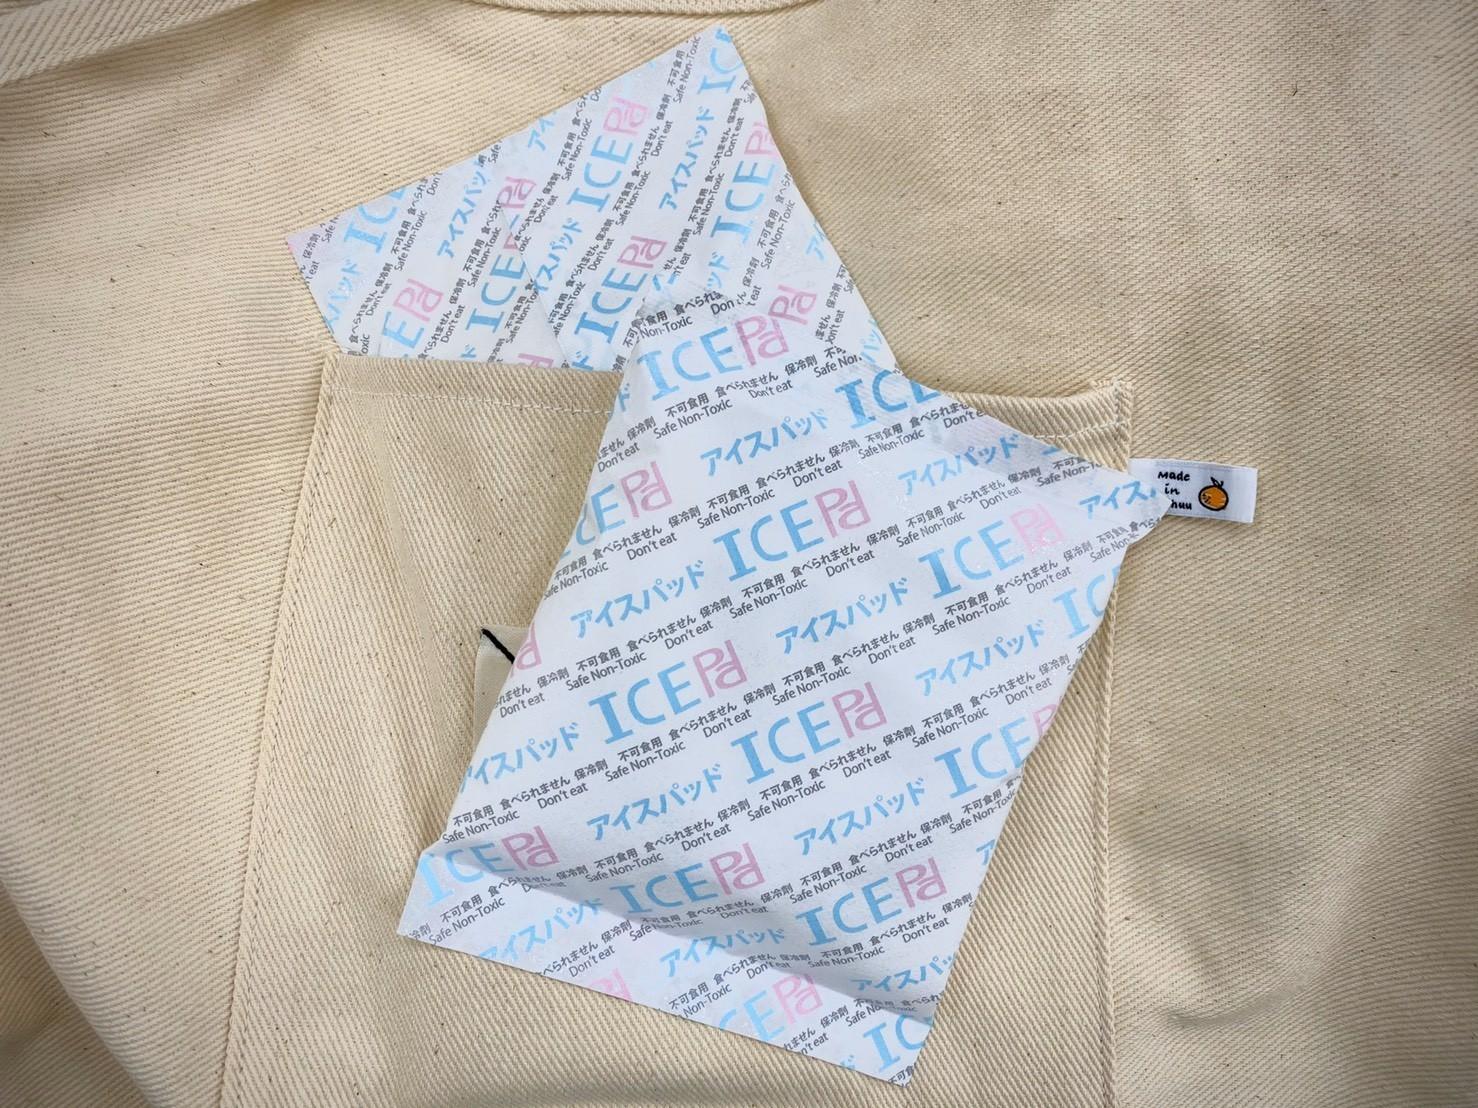 ICE Pad 冰爆包 夏日消暑神器 不用冰,一敲即涼。超好用!冰爆包哪裡買?